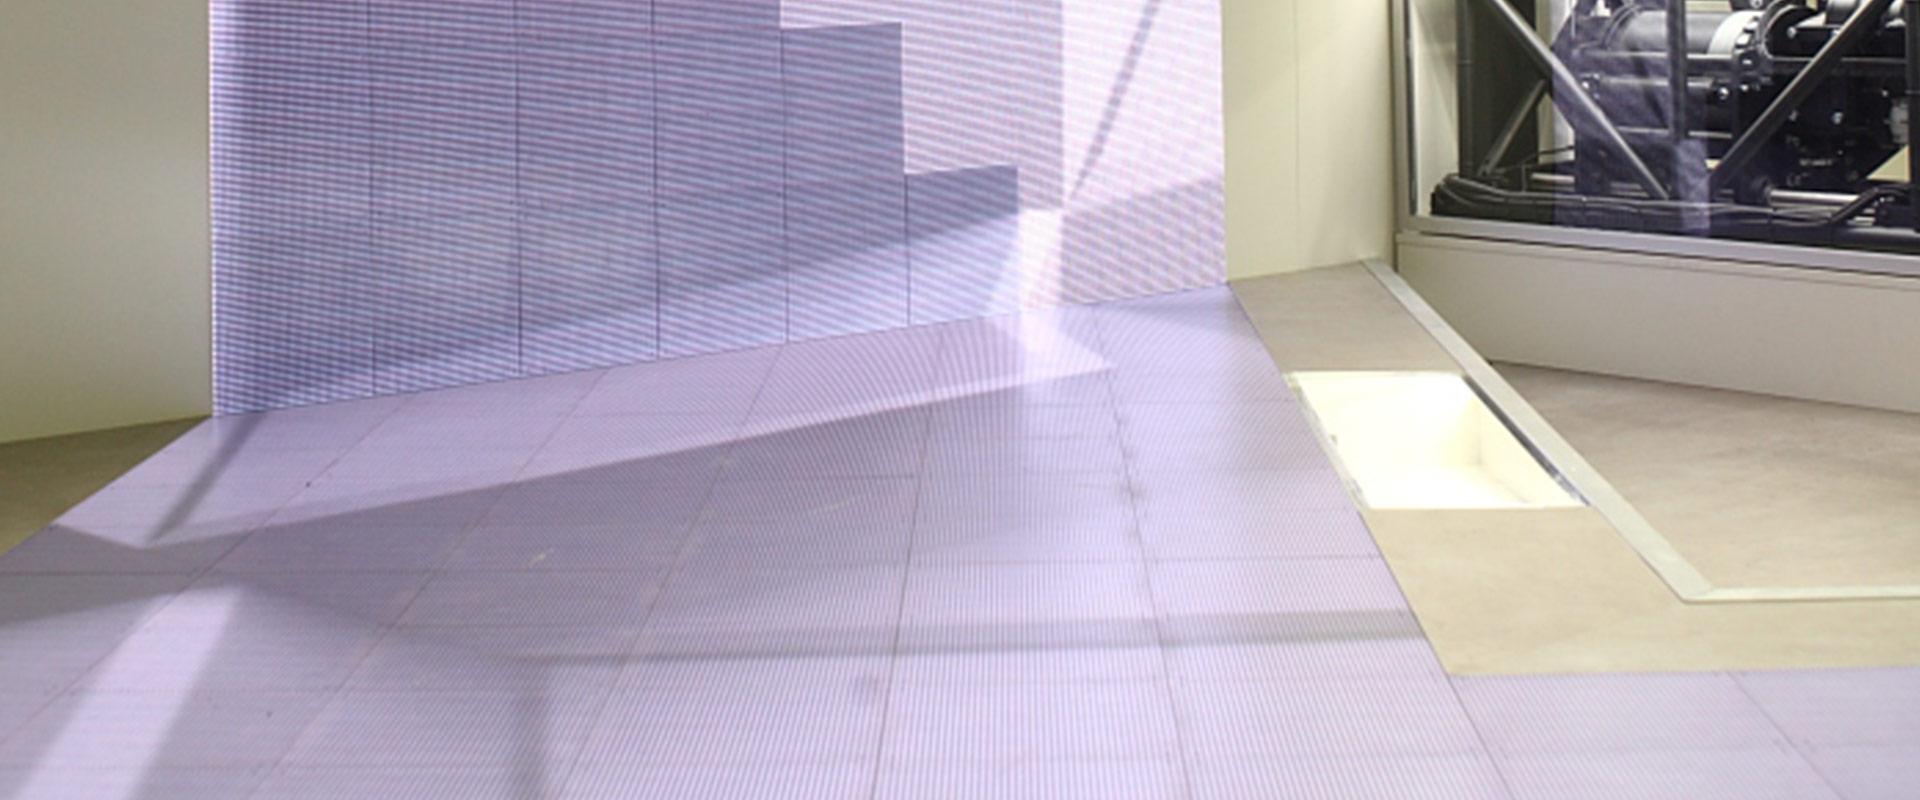 LED-Wand und Boden auf dem Lleyendecker Messestand Best of Events